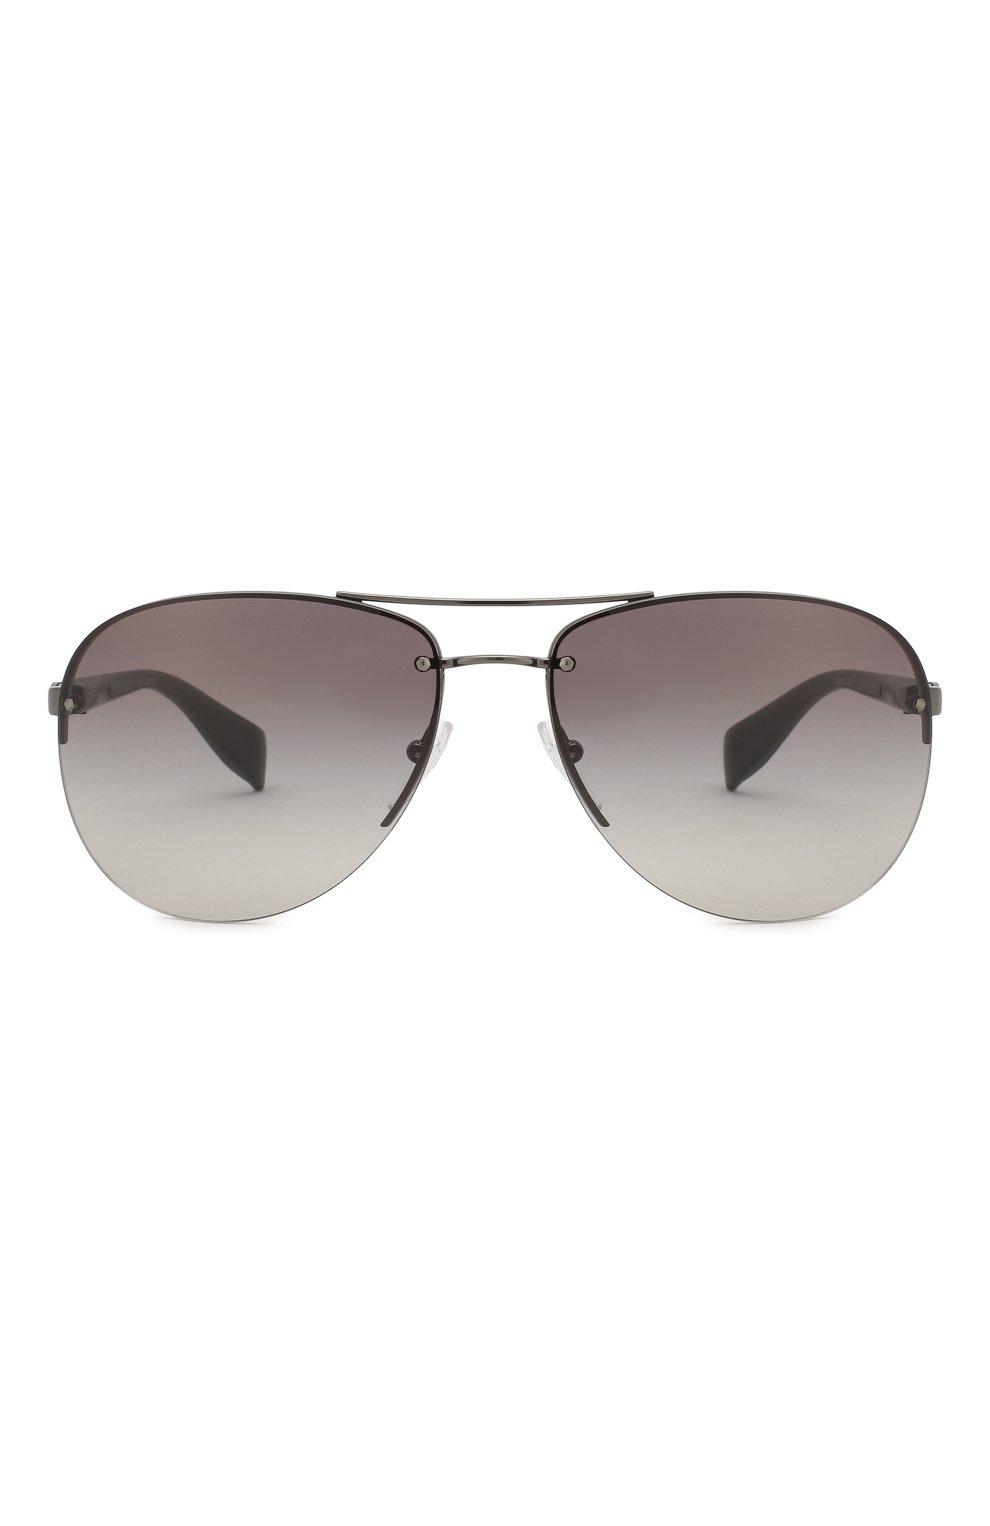 Мужские солнцезащитные очки prada linea rossa PRADA серого цвета, арт. 56MS-5AV3M1   Фото 2